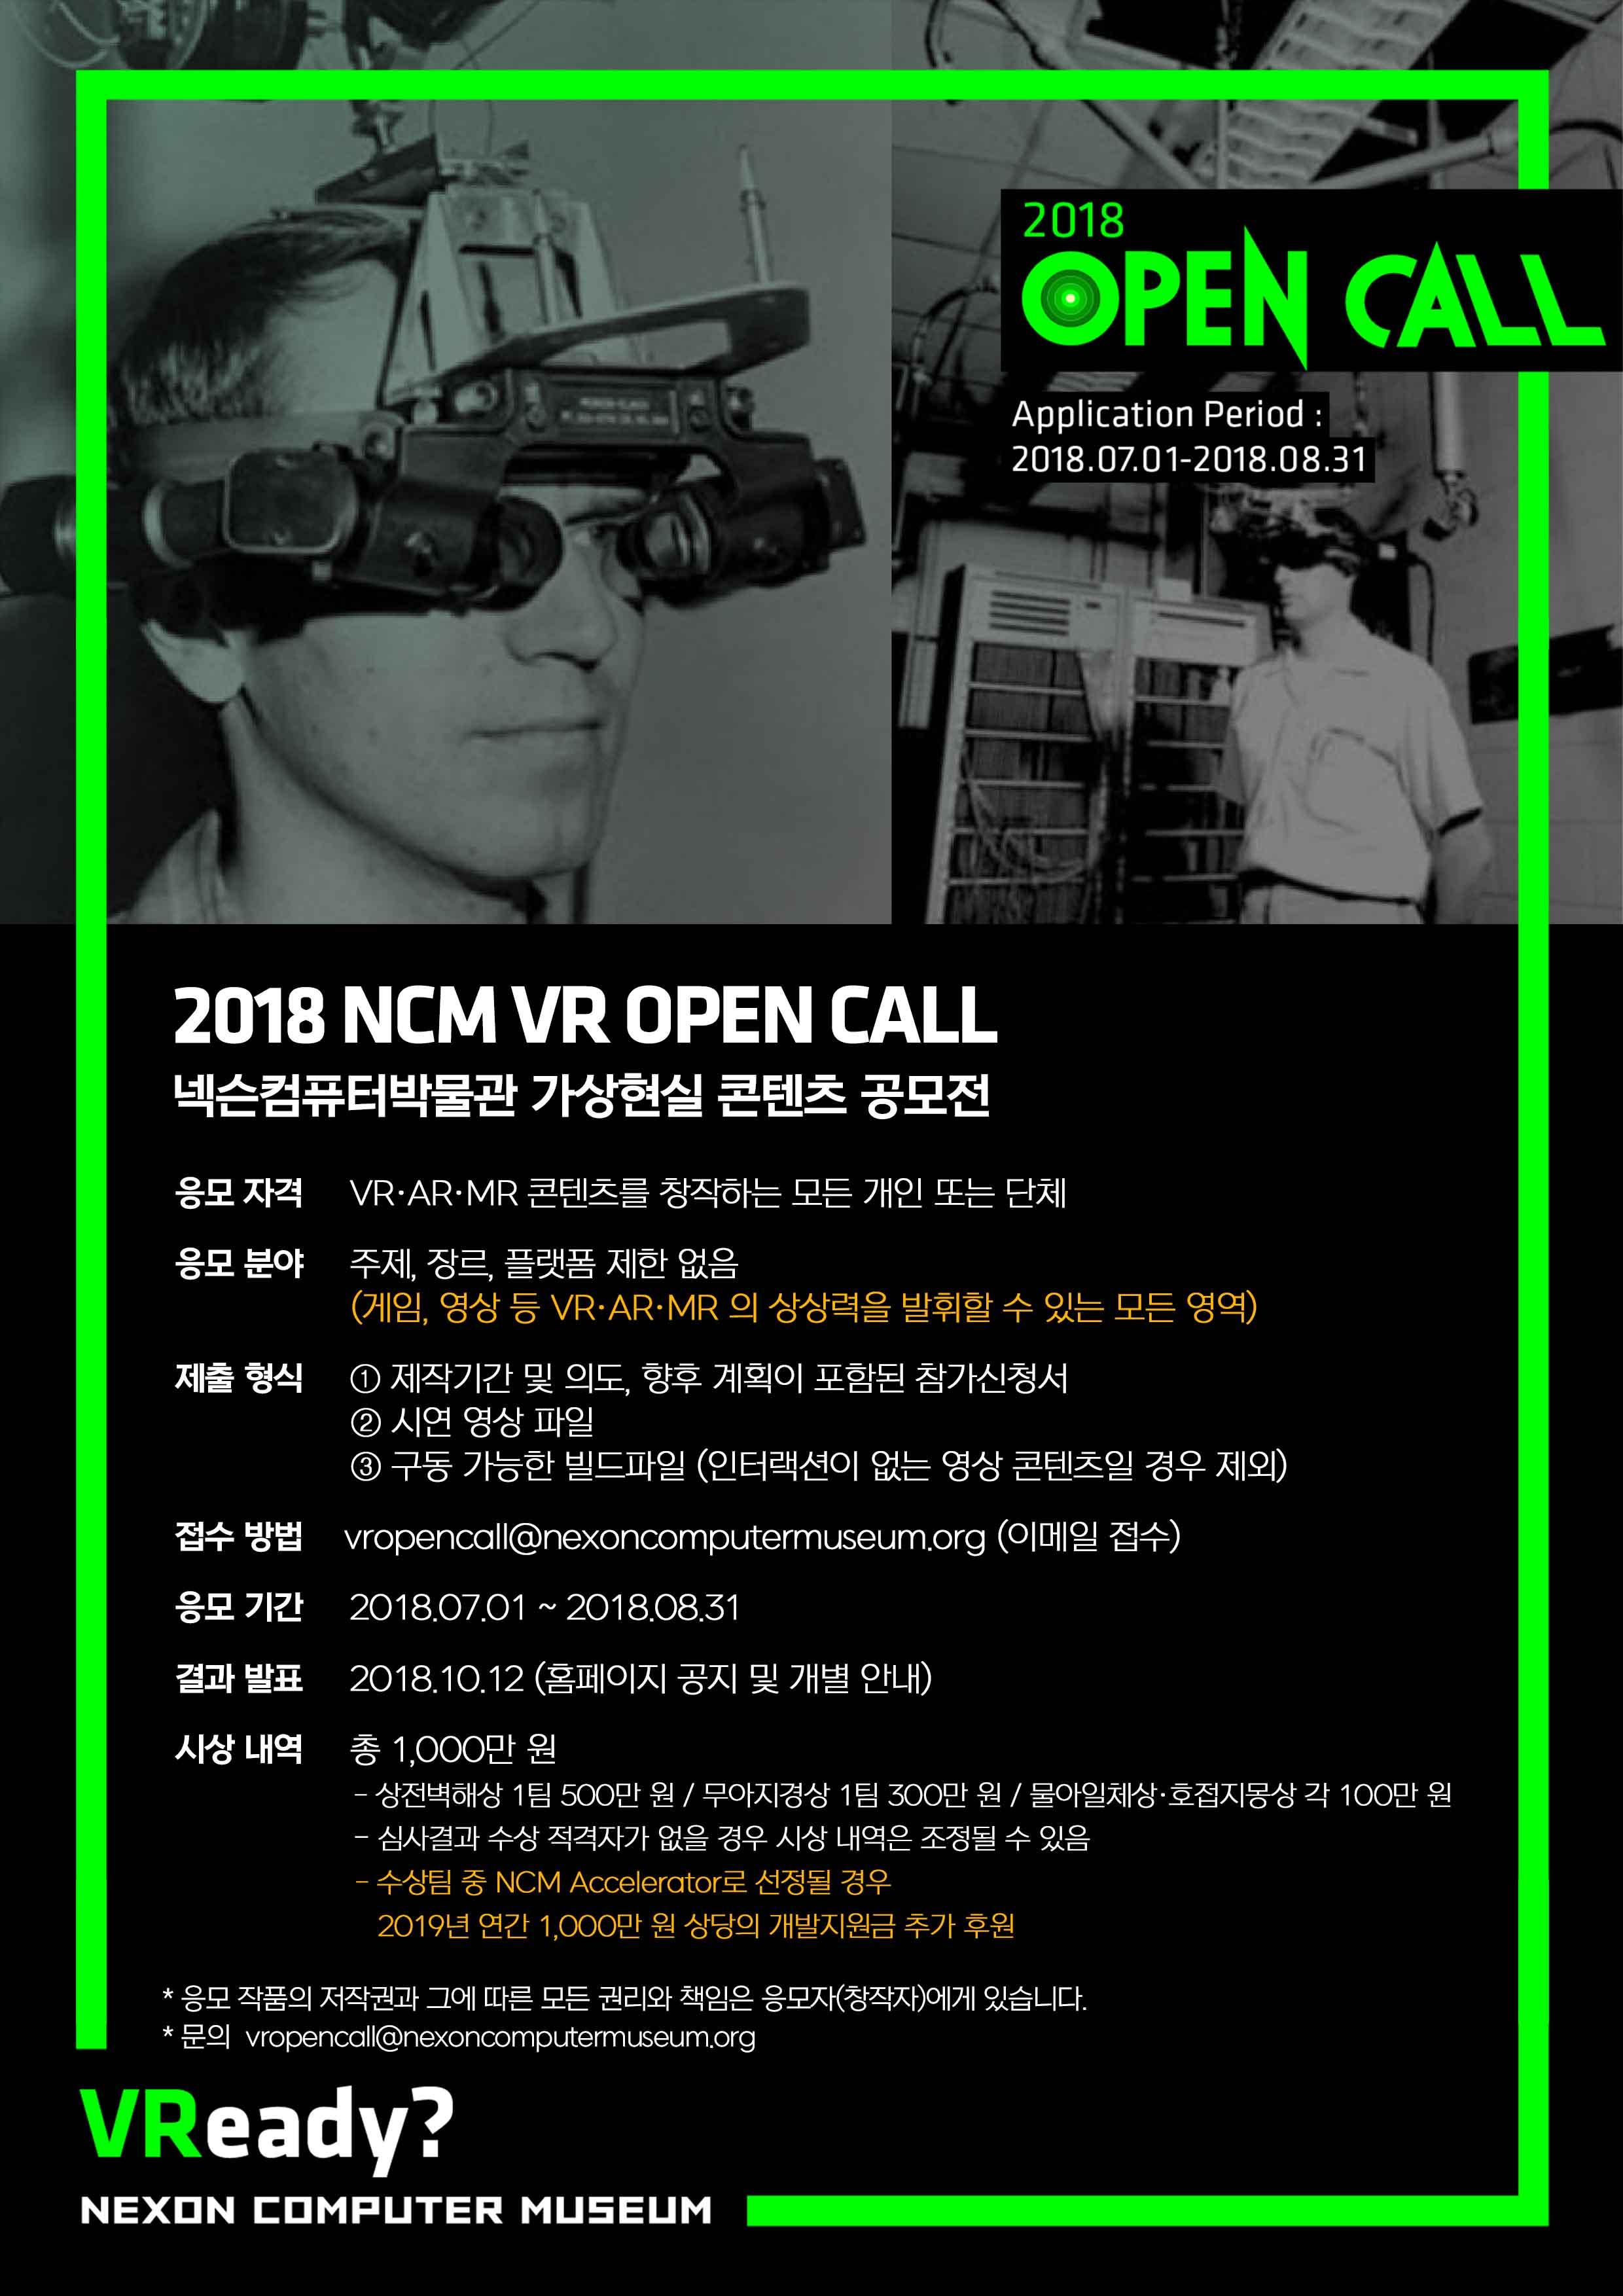 [넥슨컴퓨터박물관] 가상현실(VR) 컨텐츠 공모전